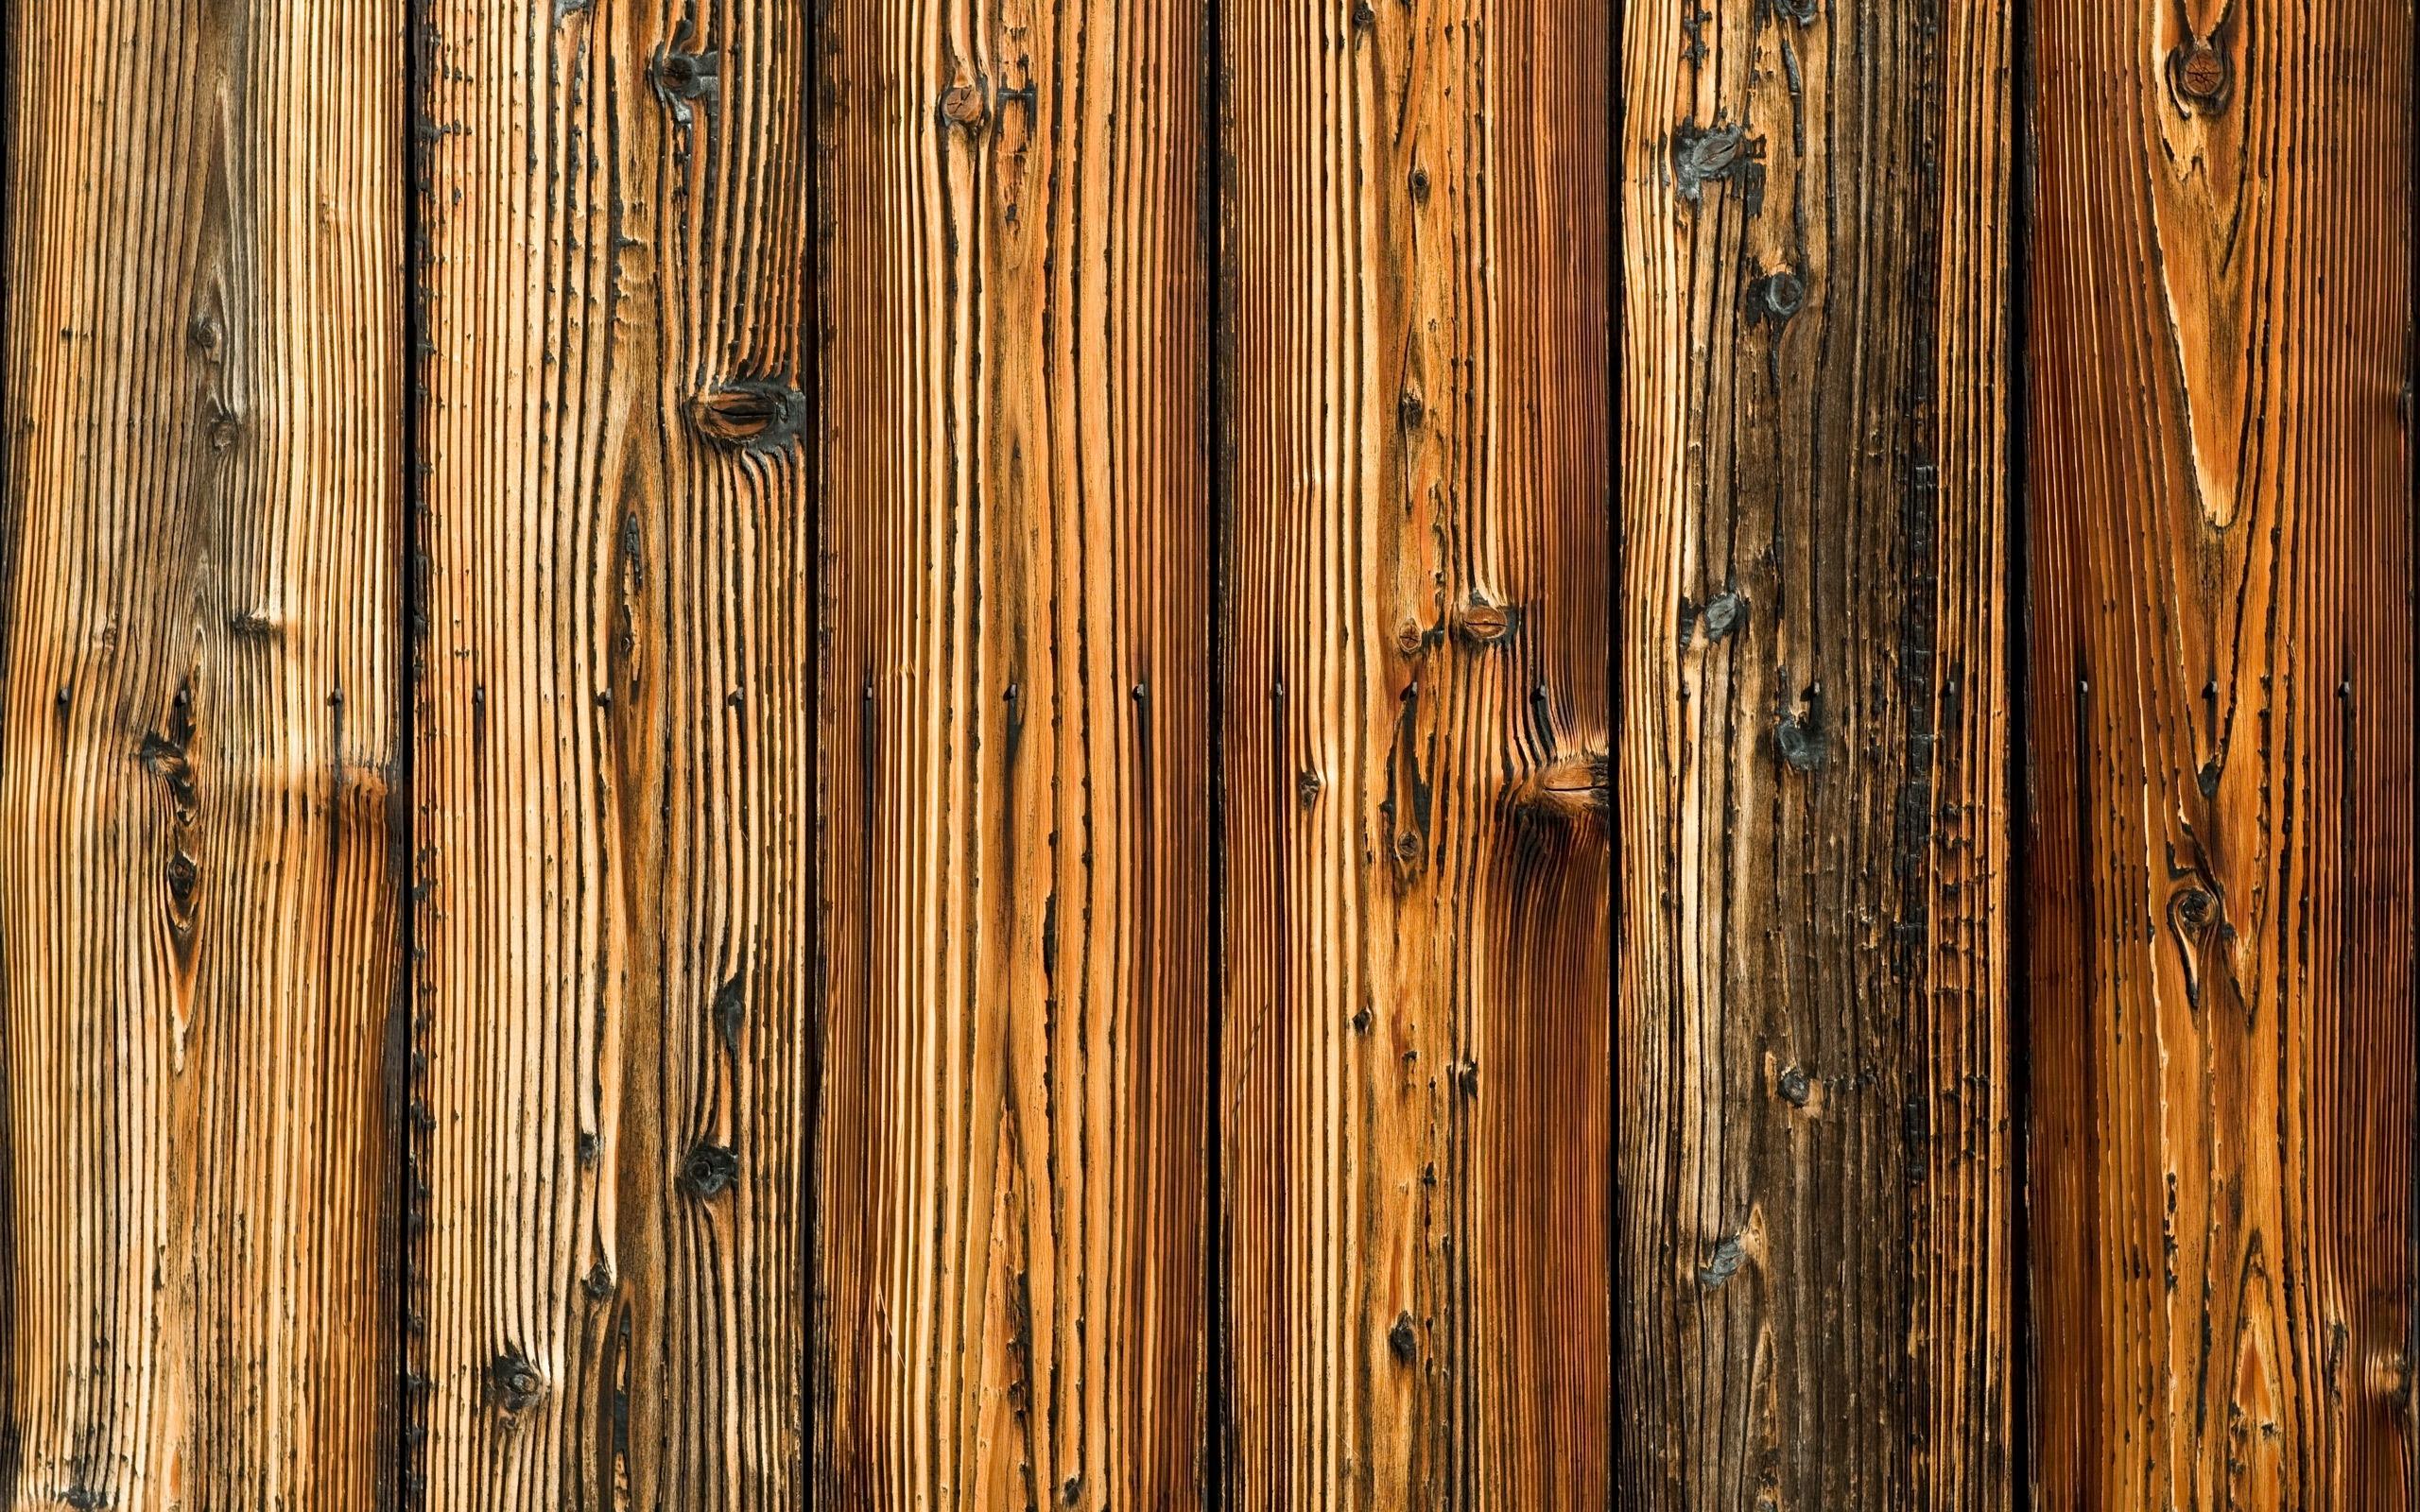 reclaimed wood looking wallpaper wallpapersafari